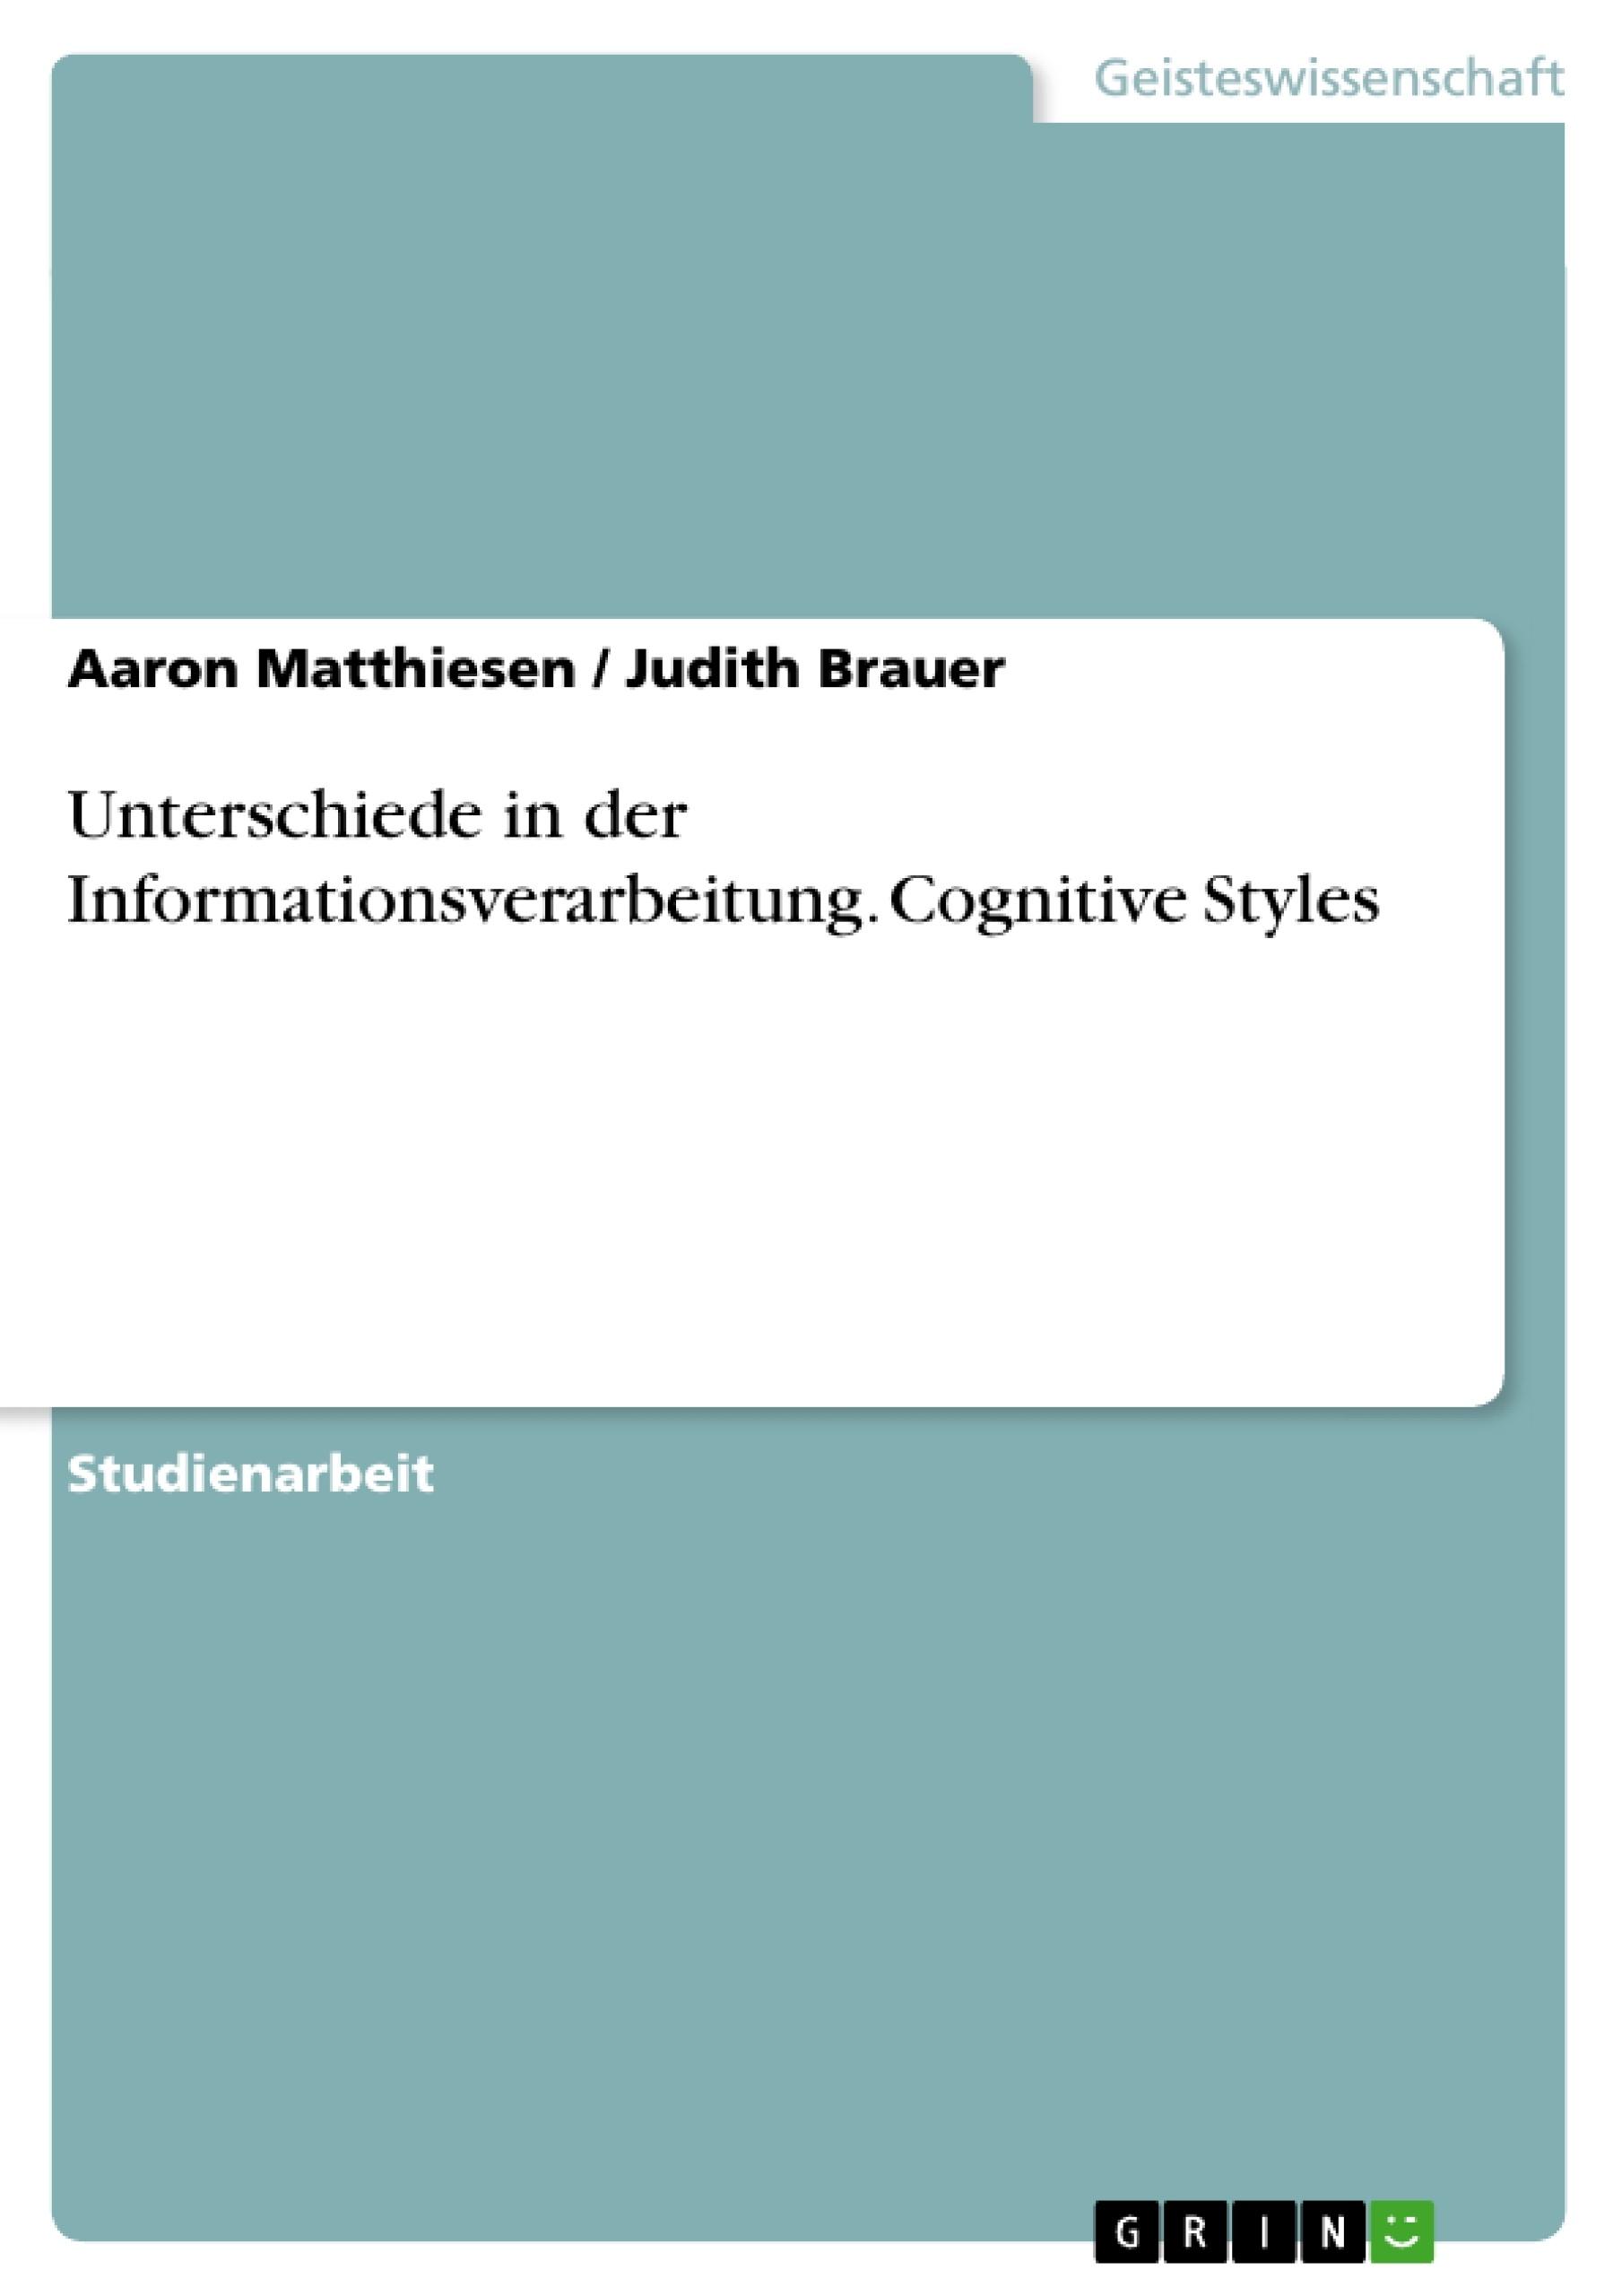 Titel: Unterschiede in der Informationsverarbeitung. Cognitive Styles